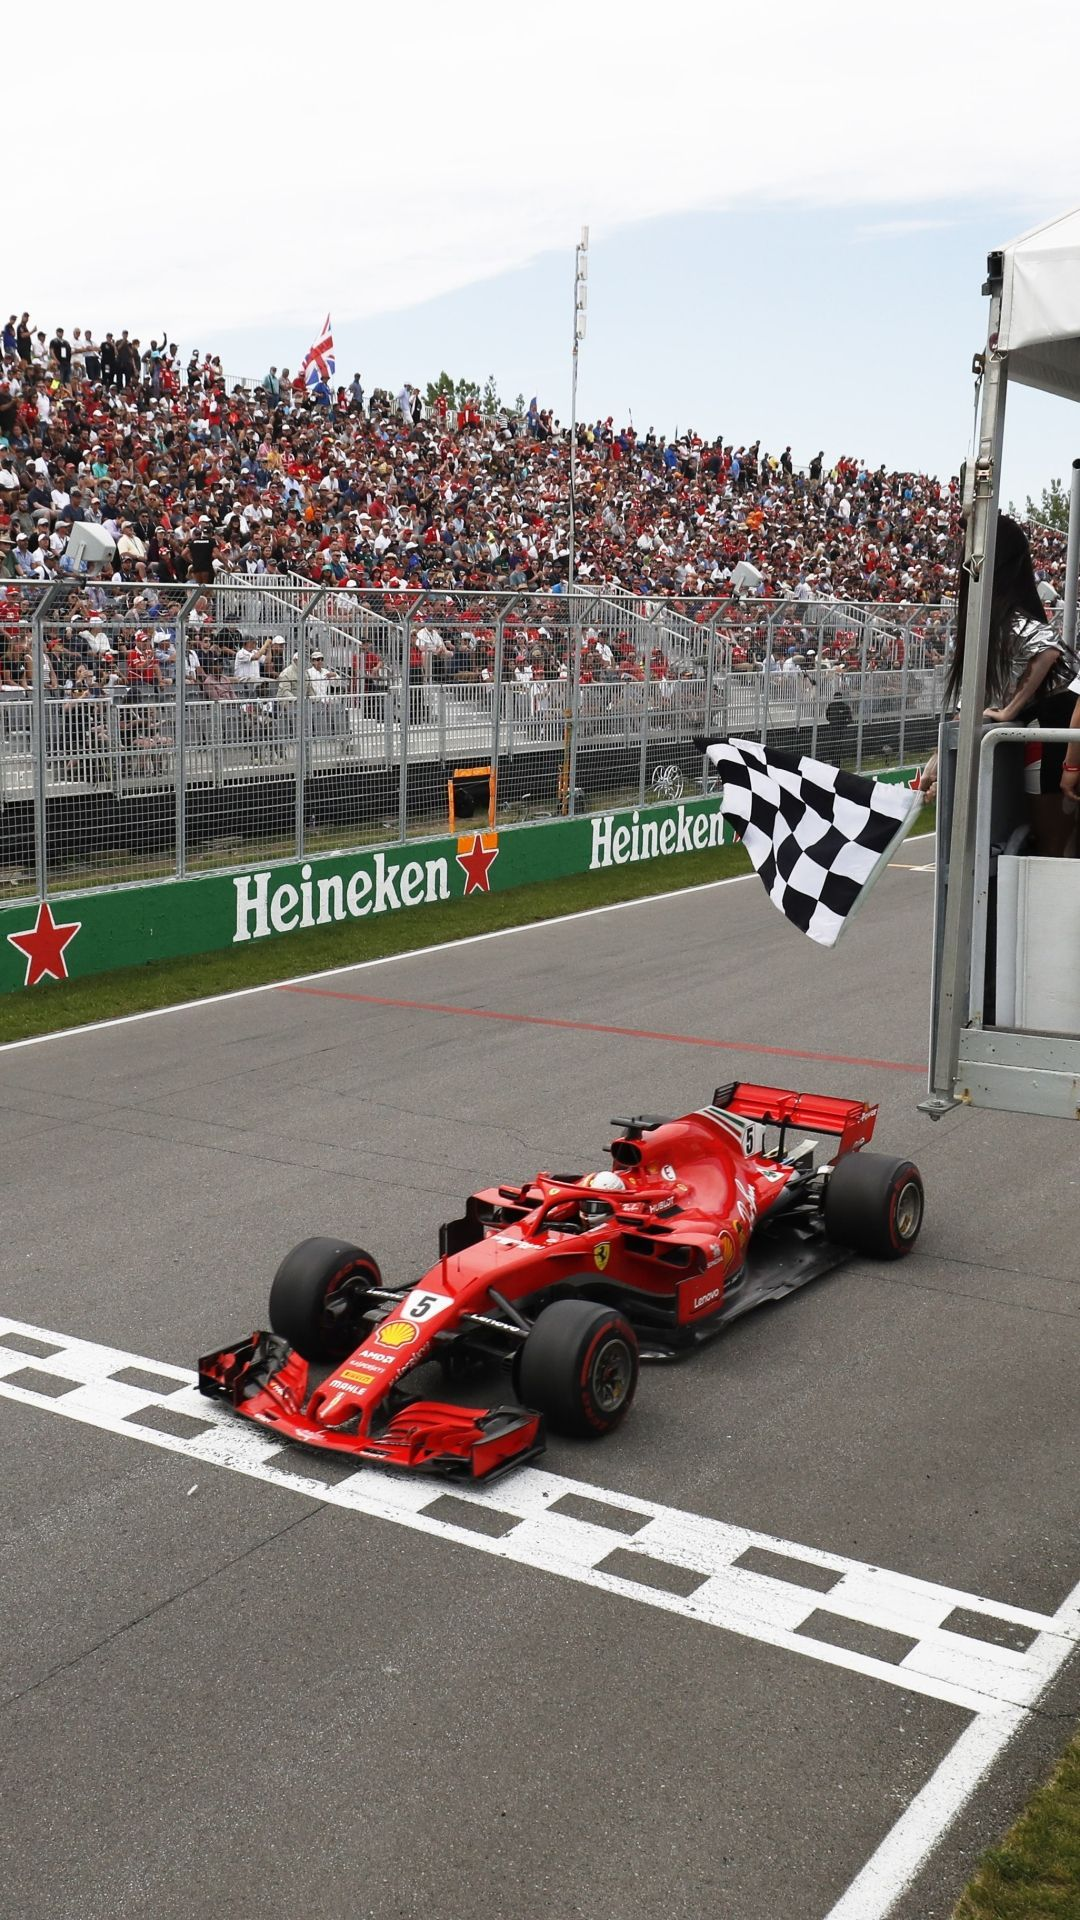 Formula 1 Michael Schumacher Background Image in 2020